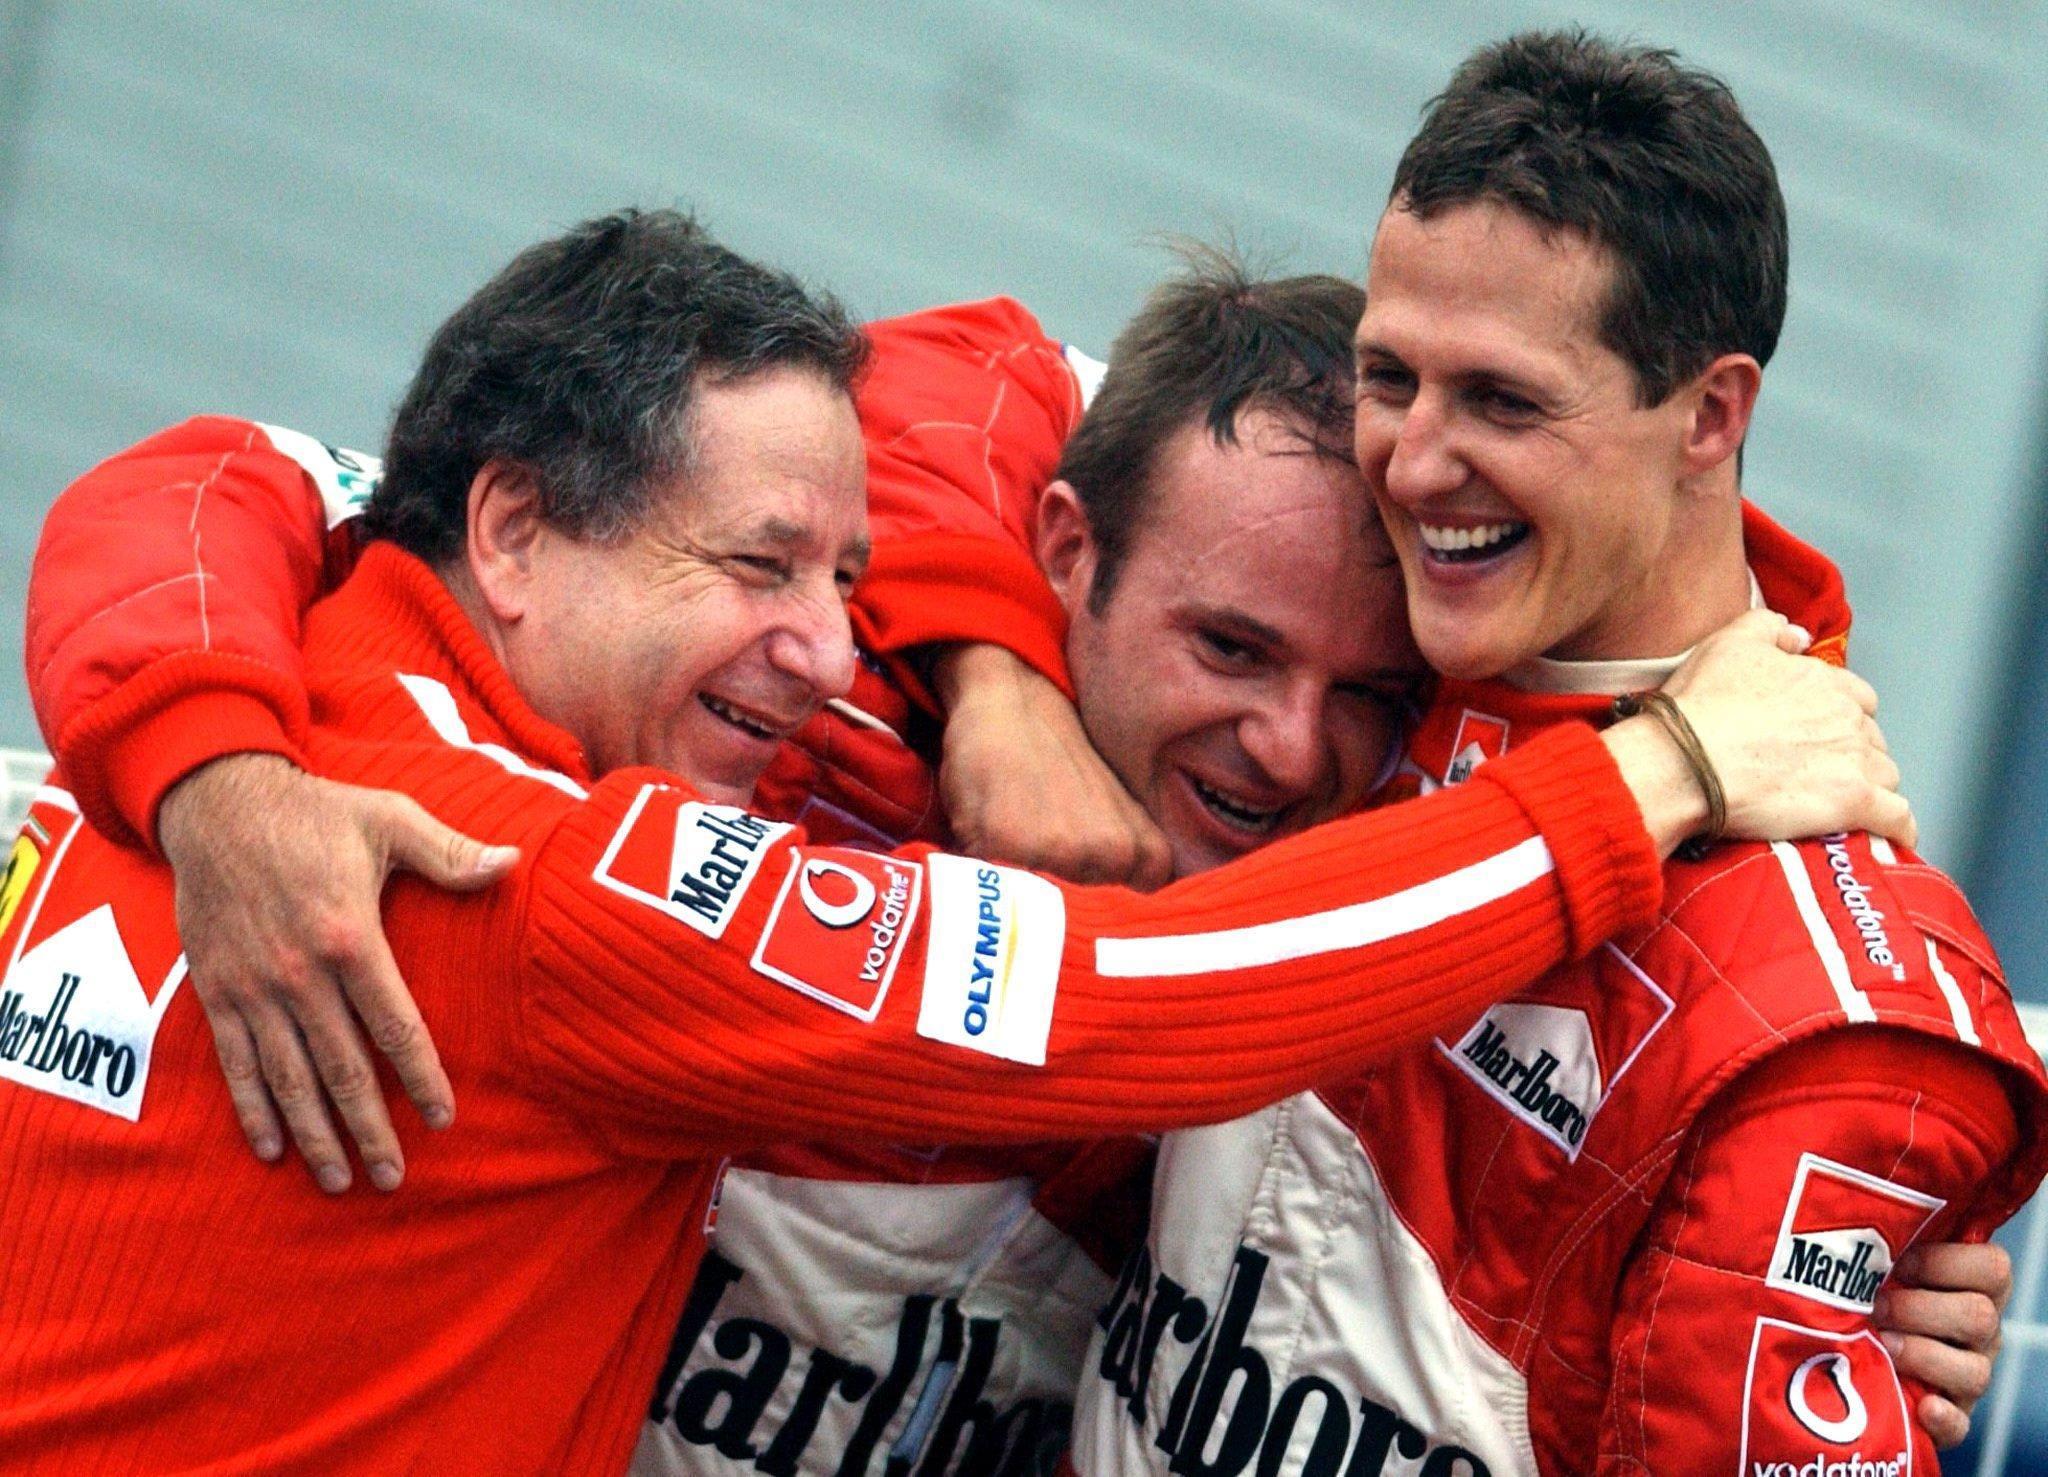 In 2003 op deze dag: Michael Schumacher verovert als eerste coureur een zesde wereldtitel in de Formule 1